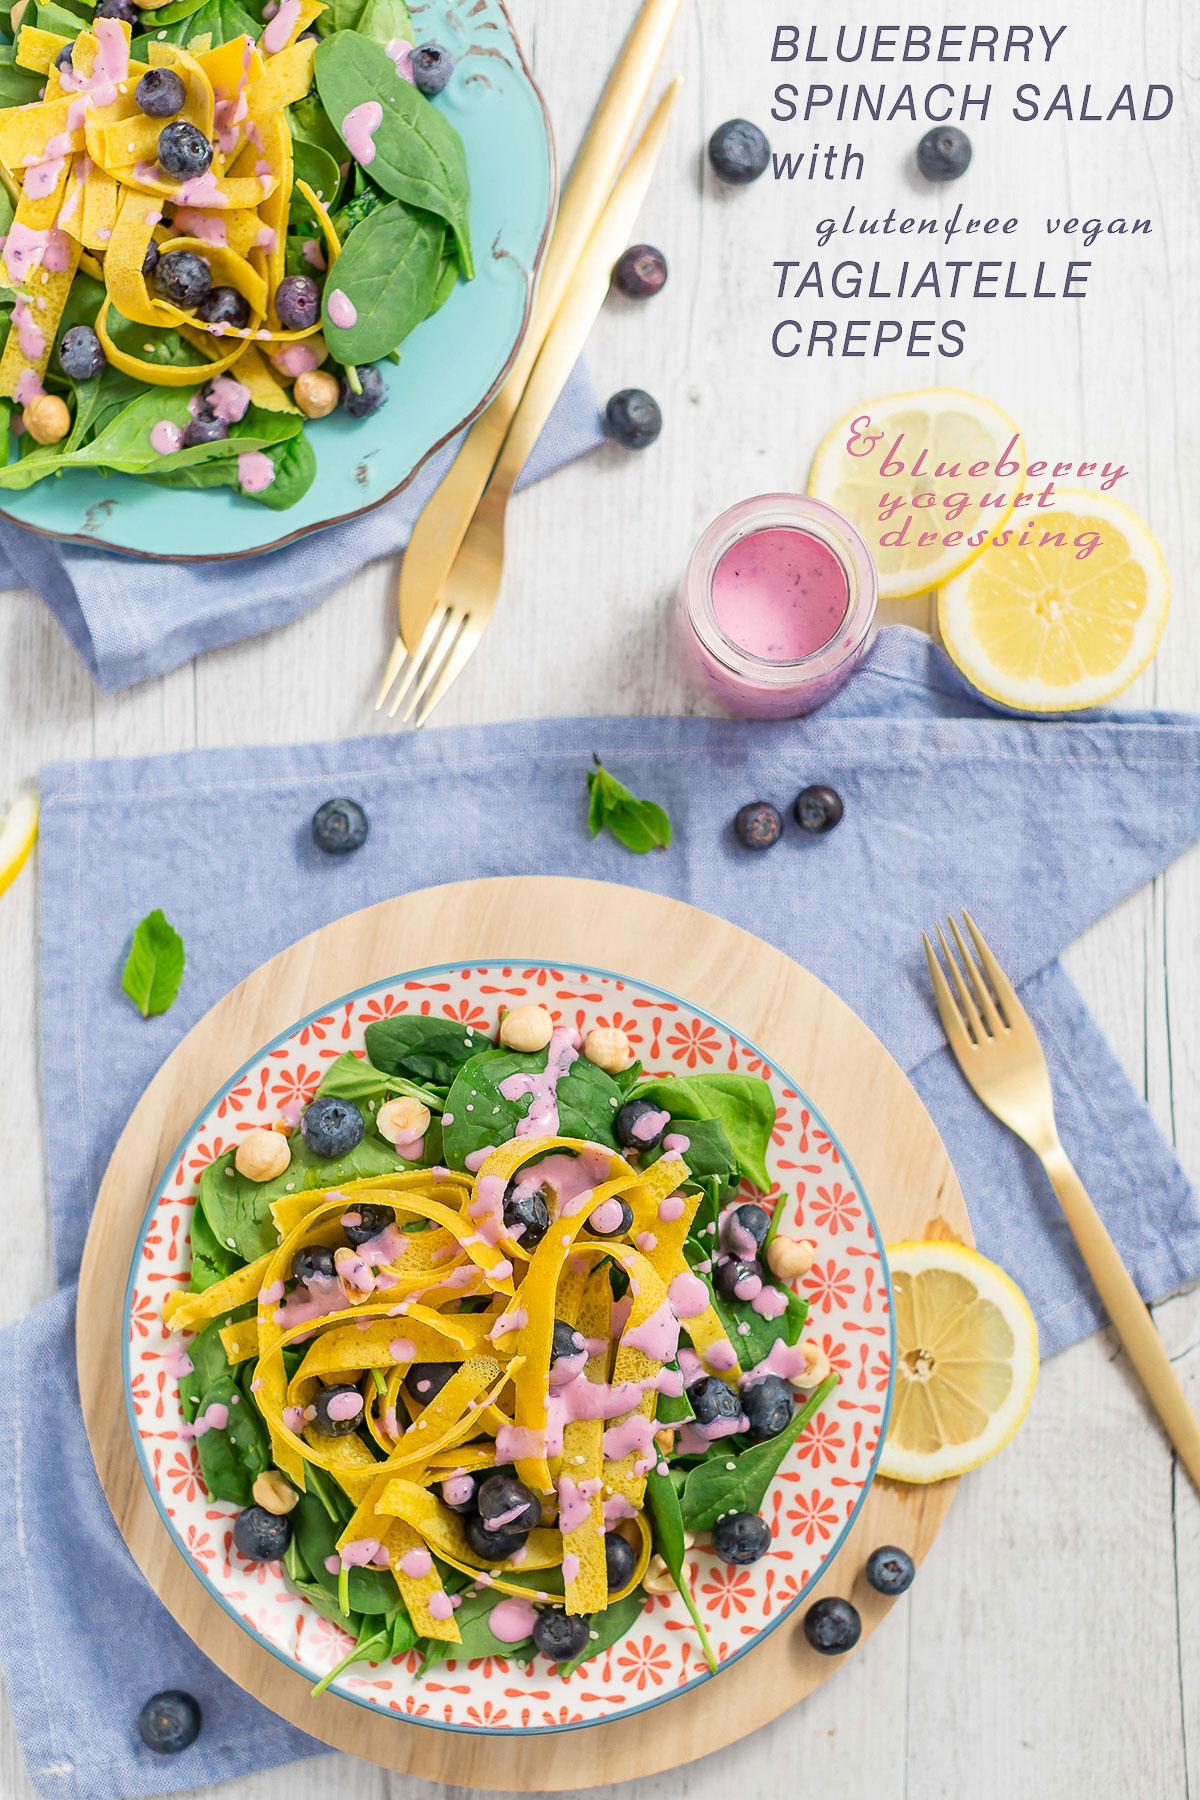 Blueberry spinach hazelnut salad with eggfree vegan glutenfree crepes tagliatelle   insalata di mirtilli spianci e nocciole con tagliatelle di crepes senza uova senza glutine vegan